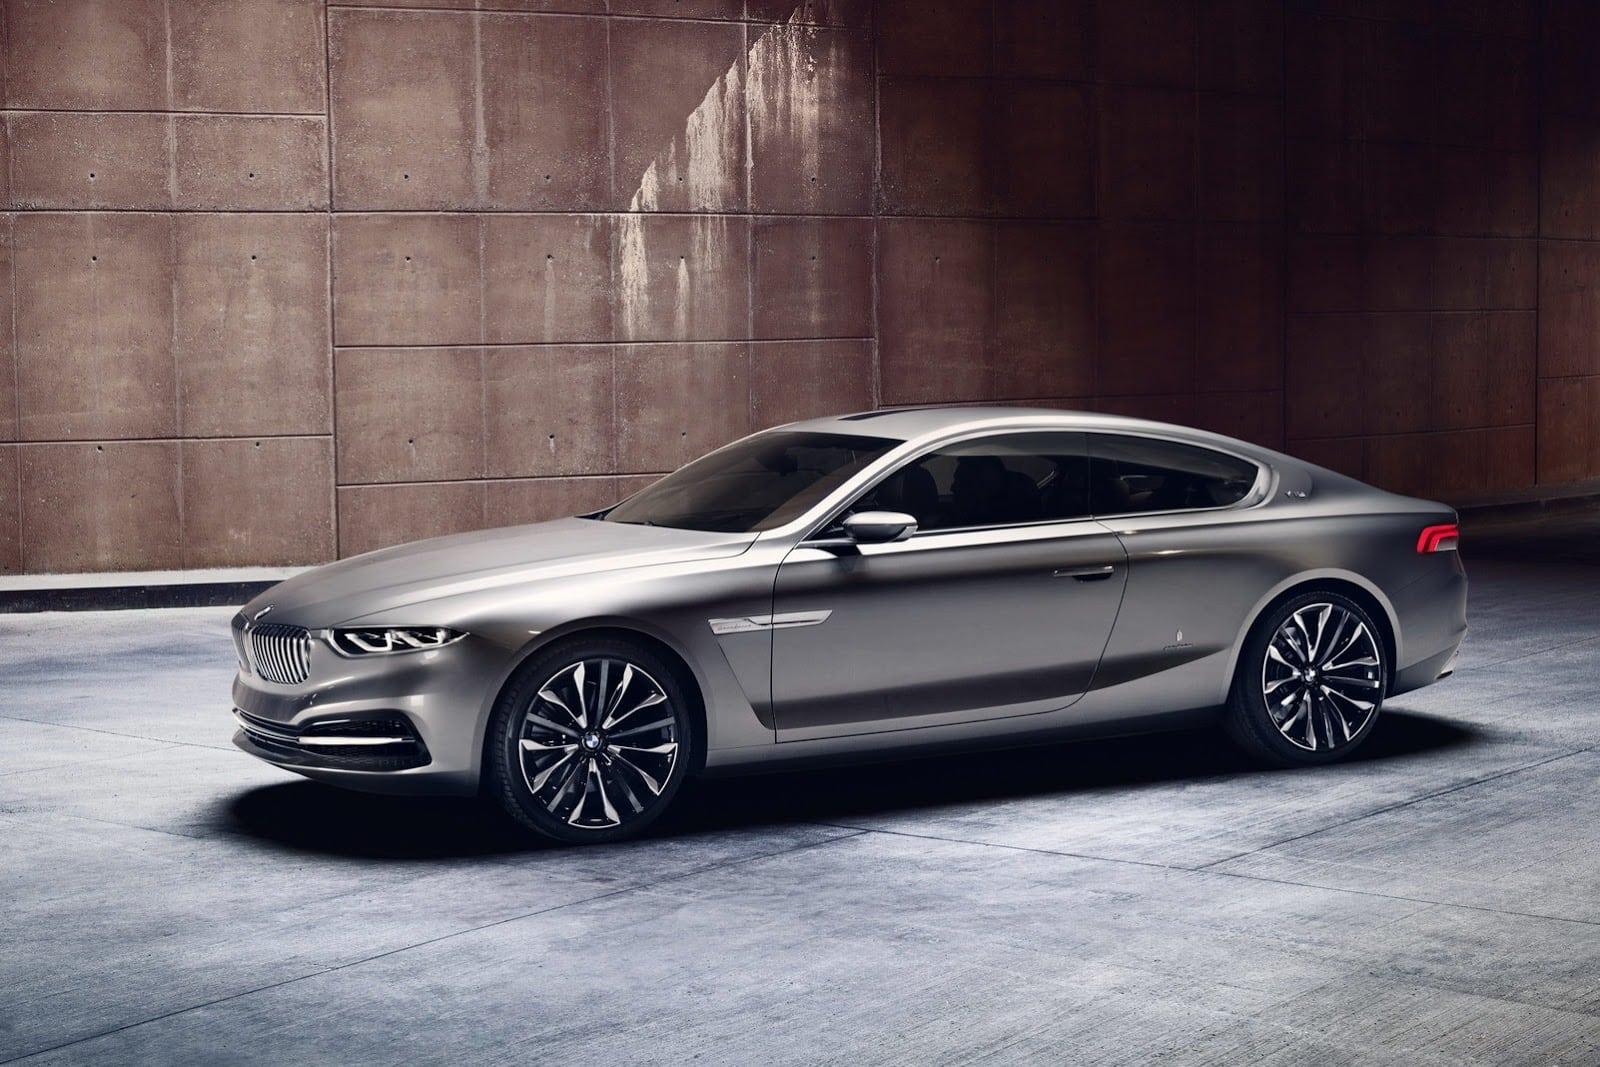 2020 BMW M2 Spy Shots